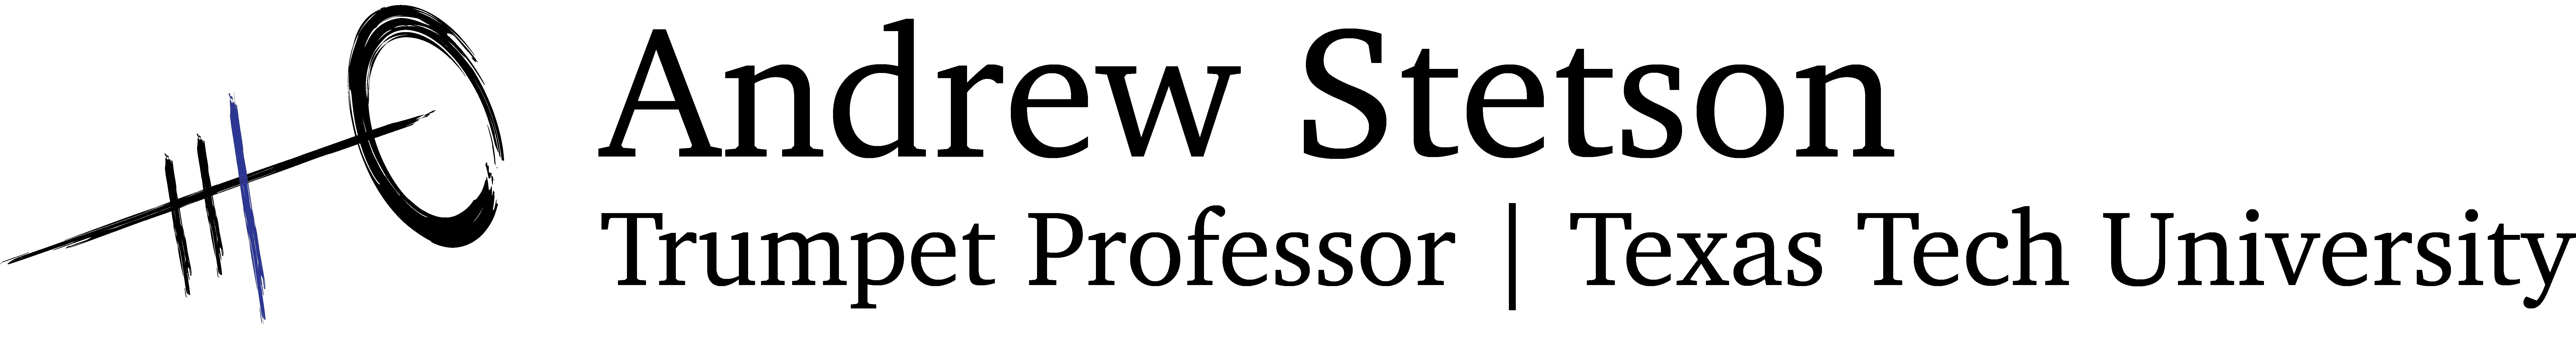 andrewstetson.com